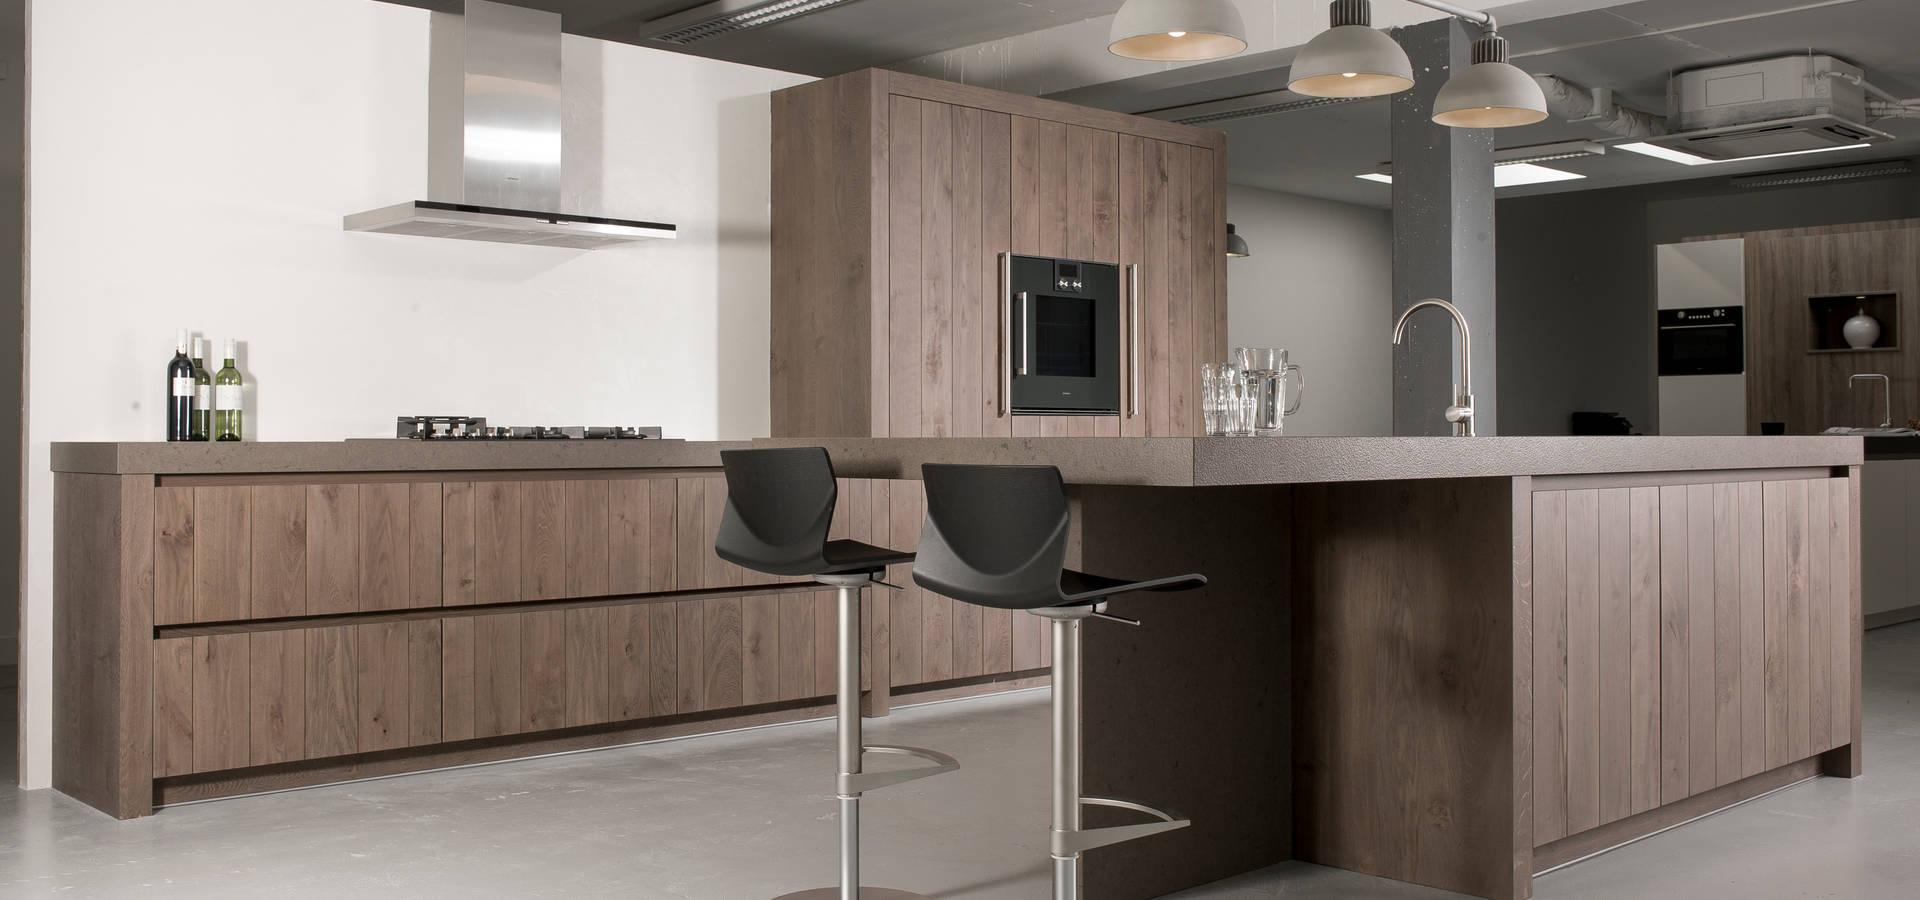 NewLook Brasschaat Keukens